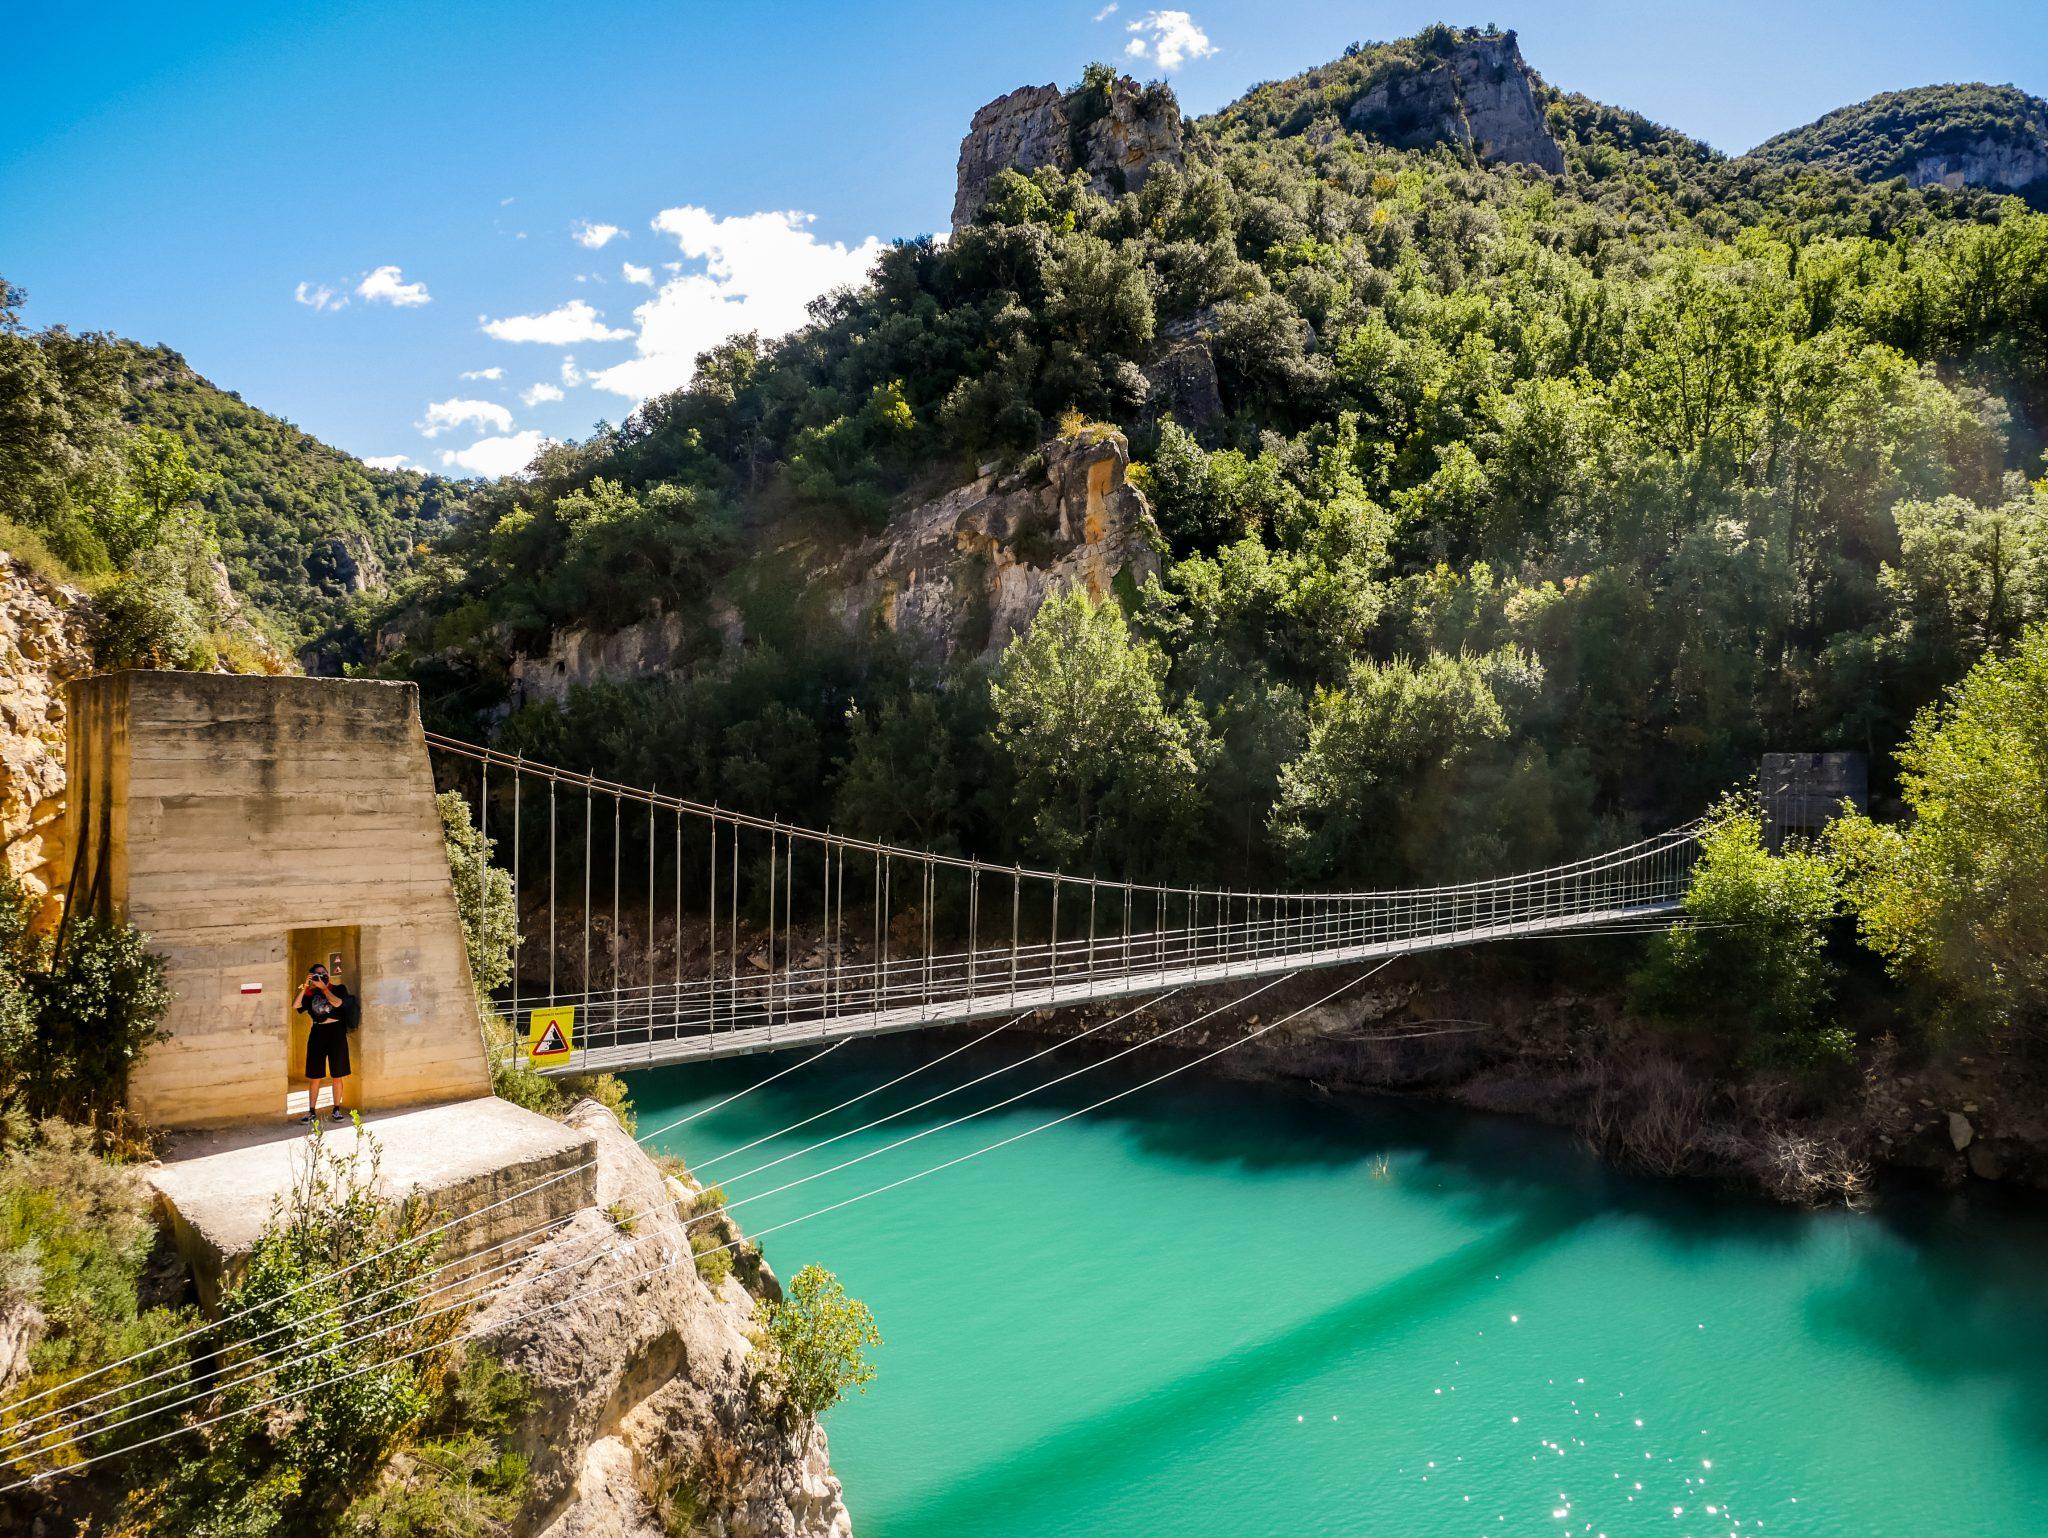 Von dieser Hängebrücke springen gerne viele herunter um sich abzukühlen, denn direkt neben der Brücke gibt es mehrere Felsen, die sozusagen wie eine Treppe fungieren. Probiere es aus, wenn es warm genug ist und du Schwimmsachen dabei hast.